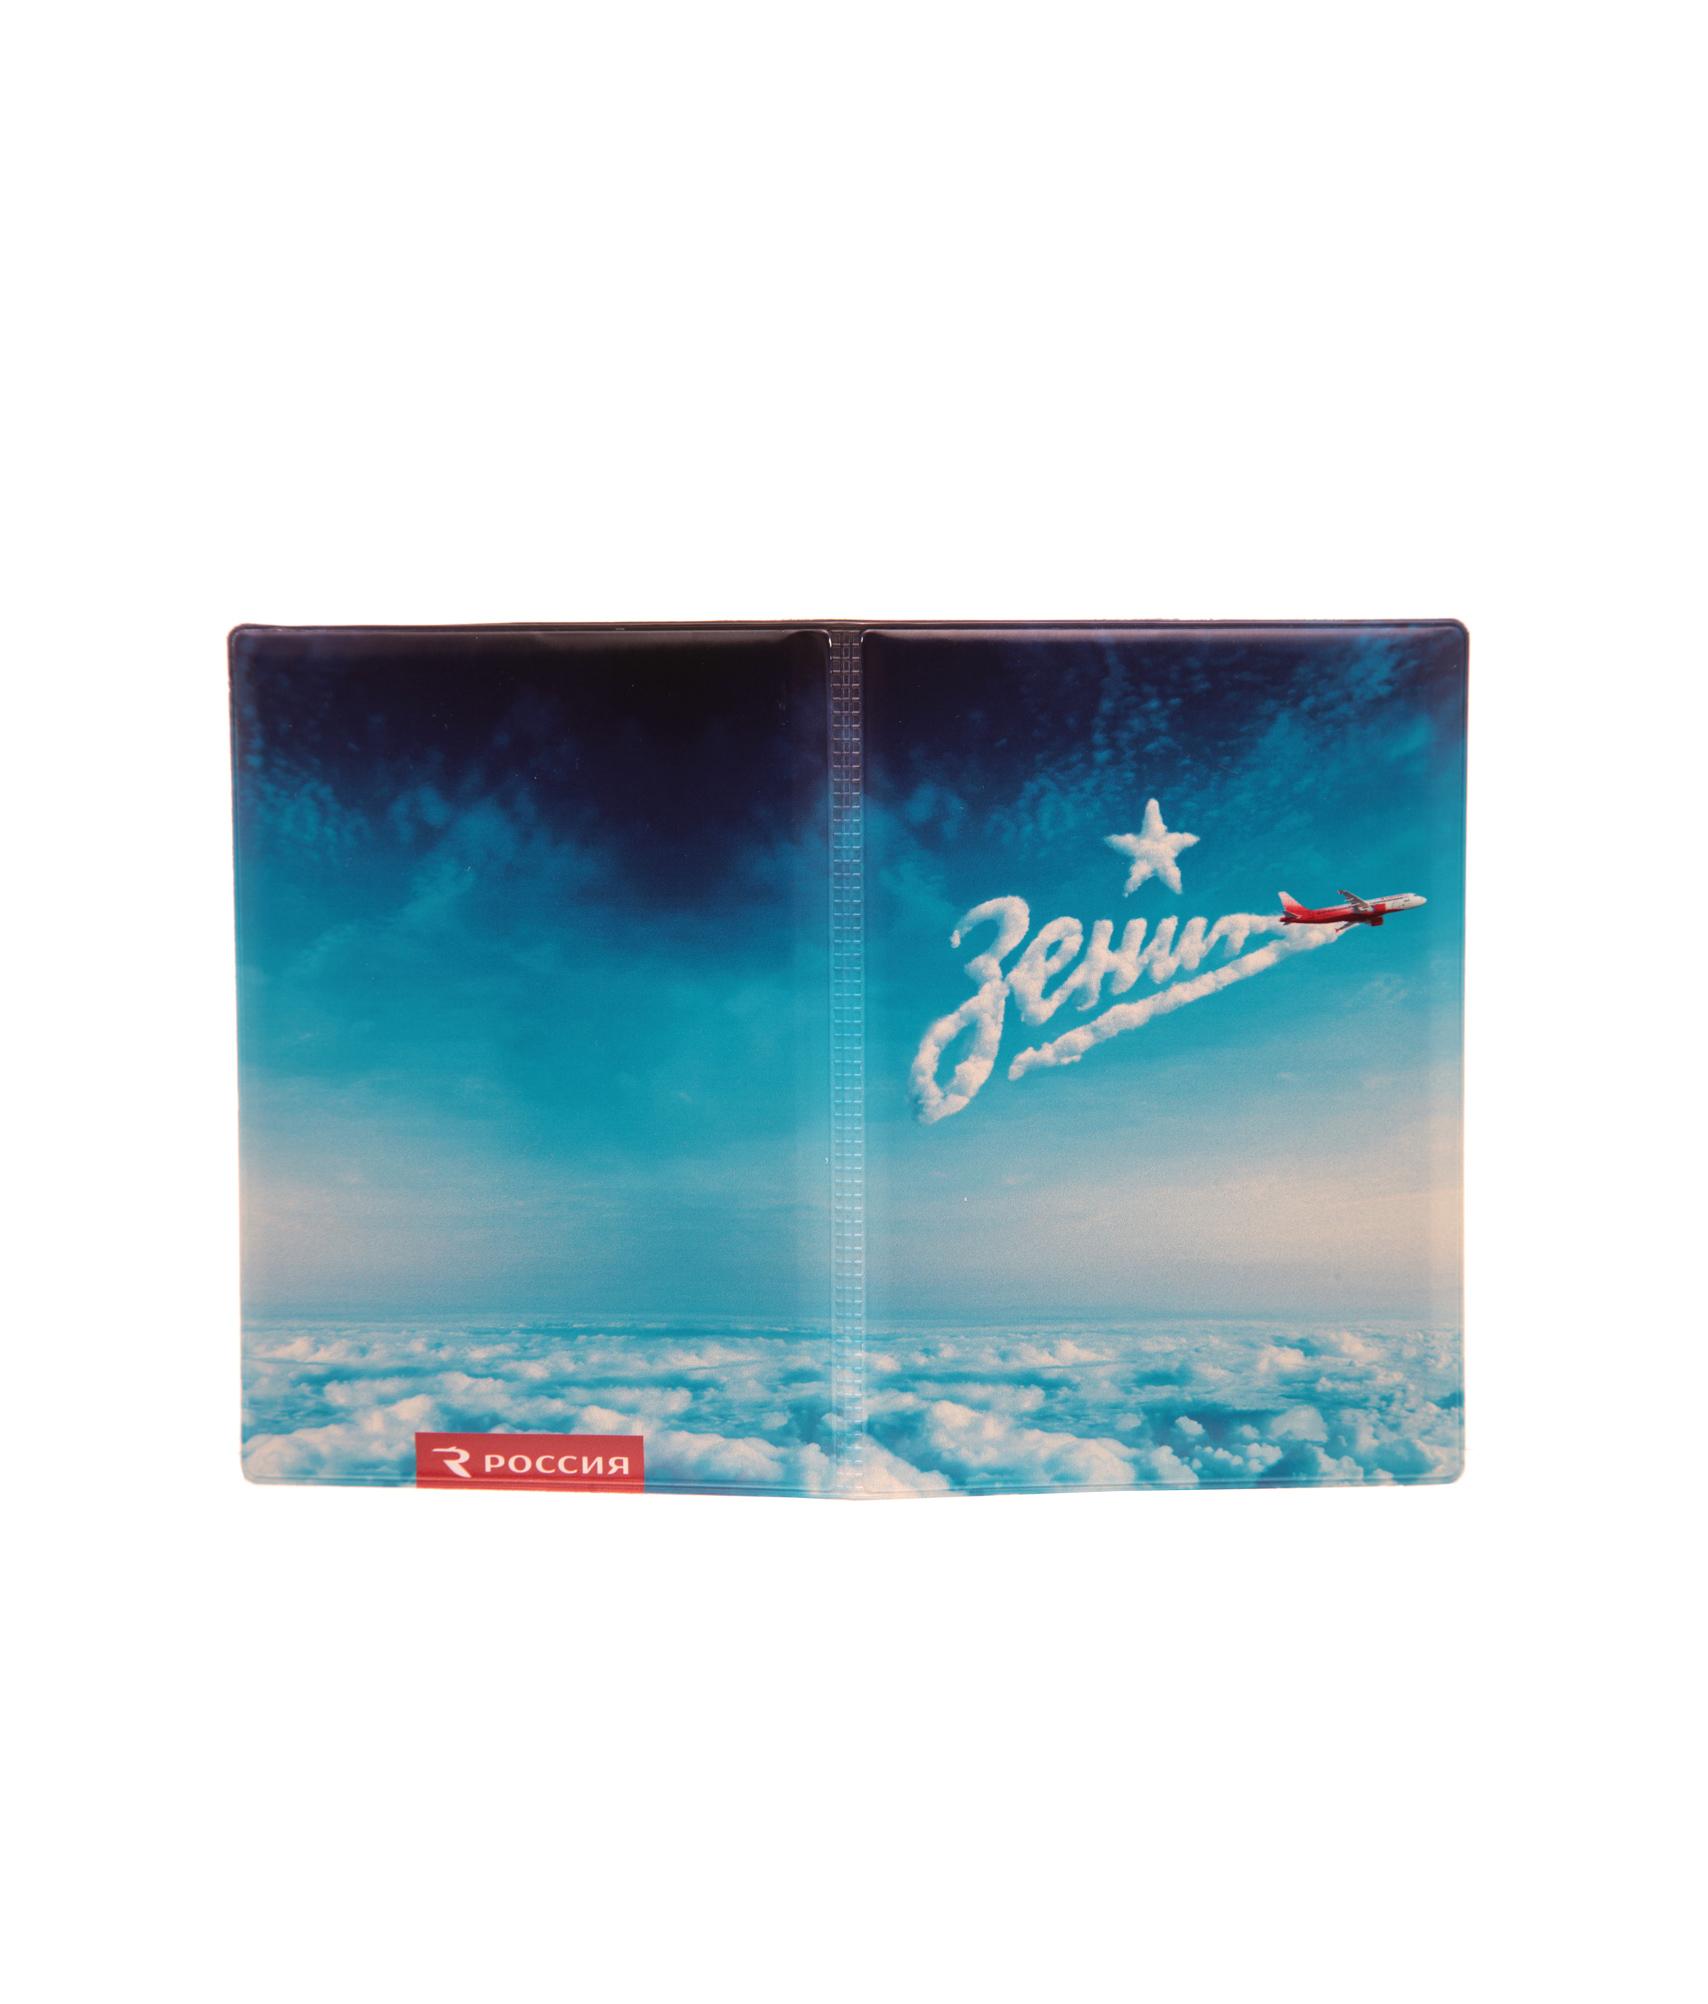 Обложка для паспорта АК Россия Зенит обложка для паспорта ак россия зенит